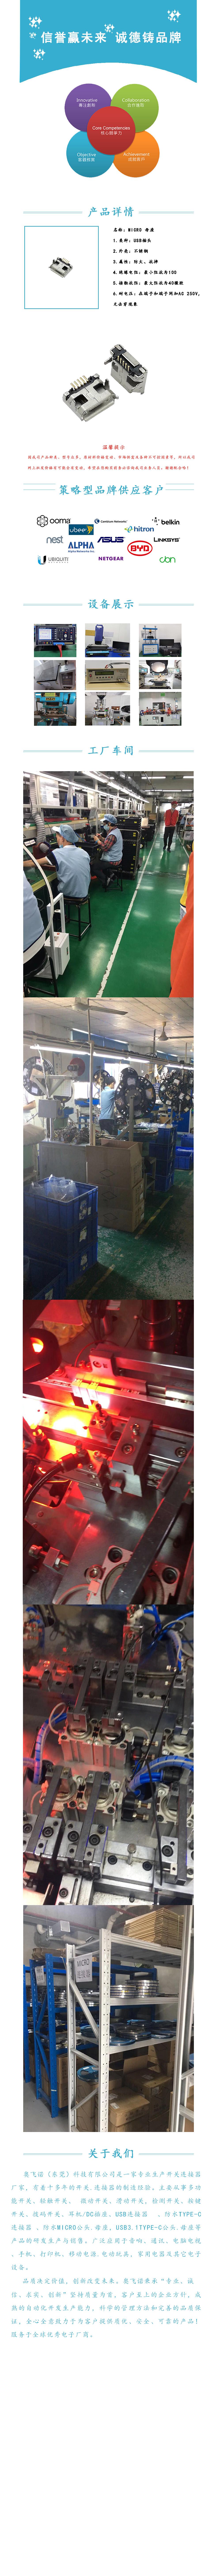 奥飞诺(东莞)科技有限公司